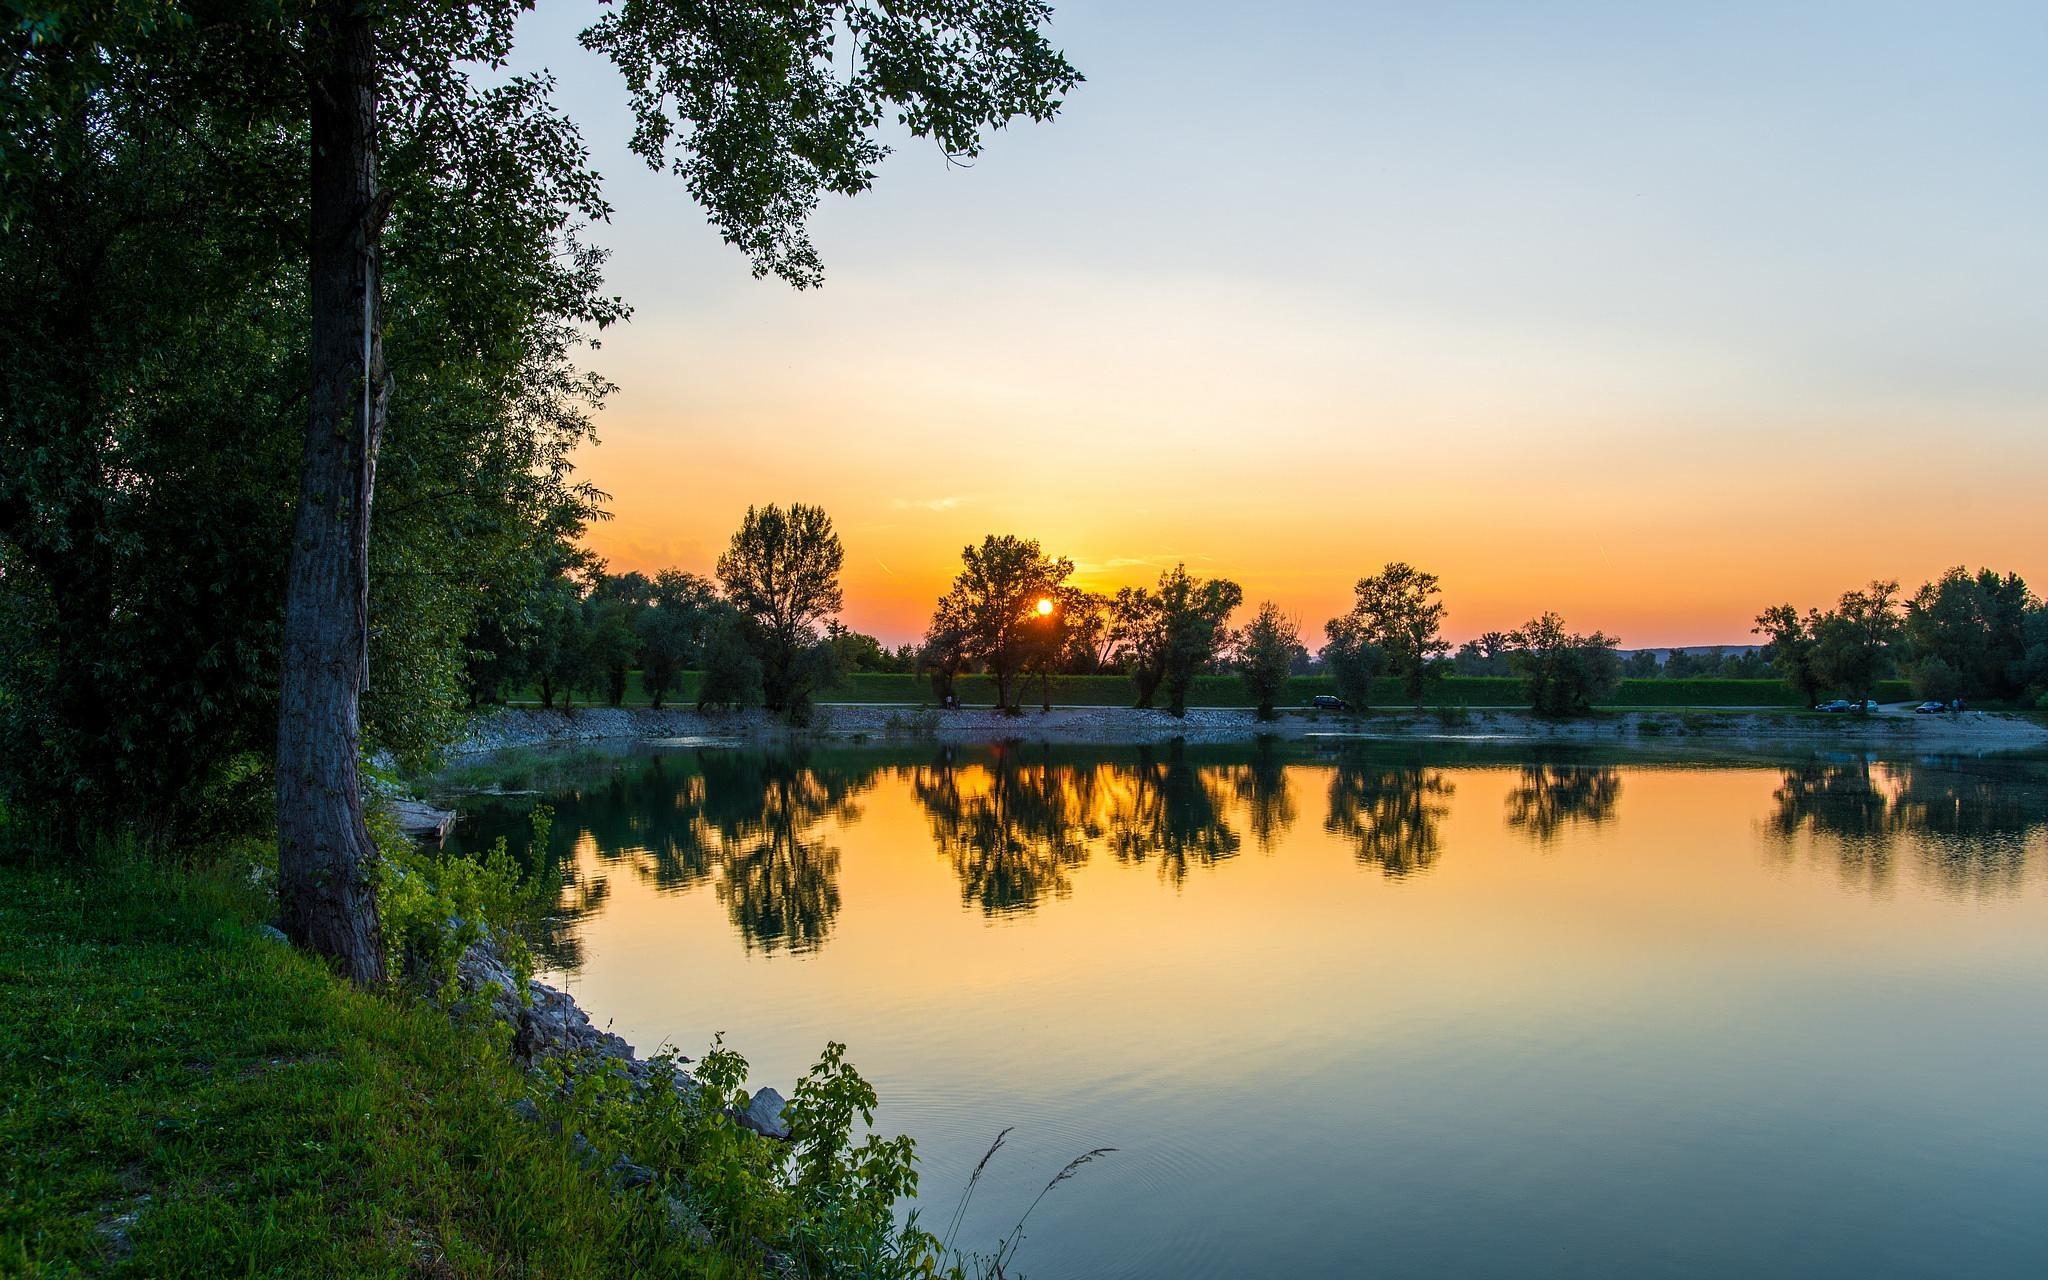 lake Zajarki by Vlado Ferencic